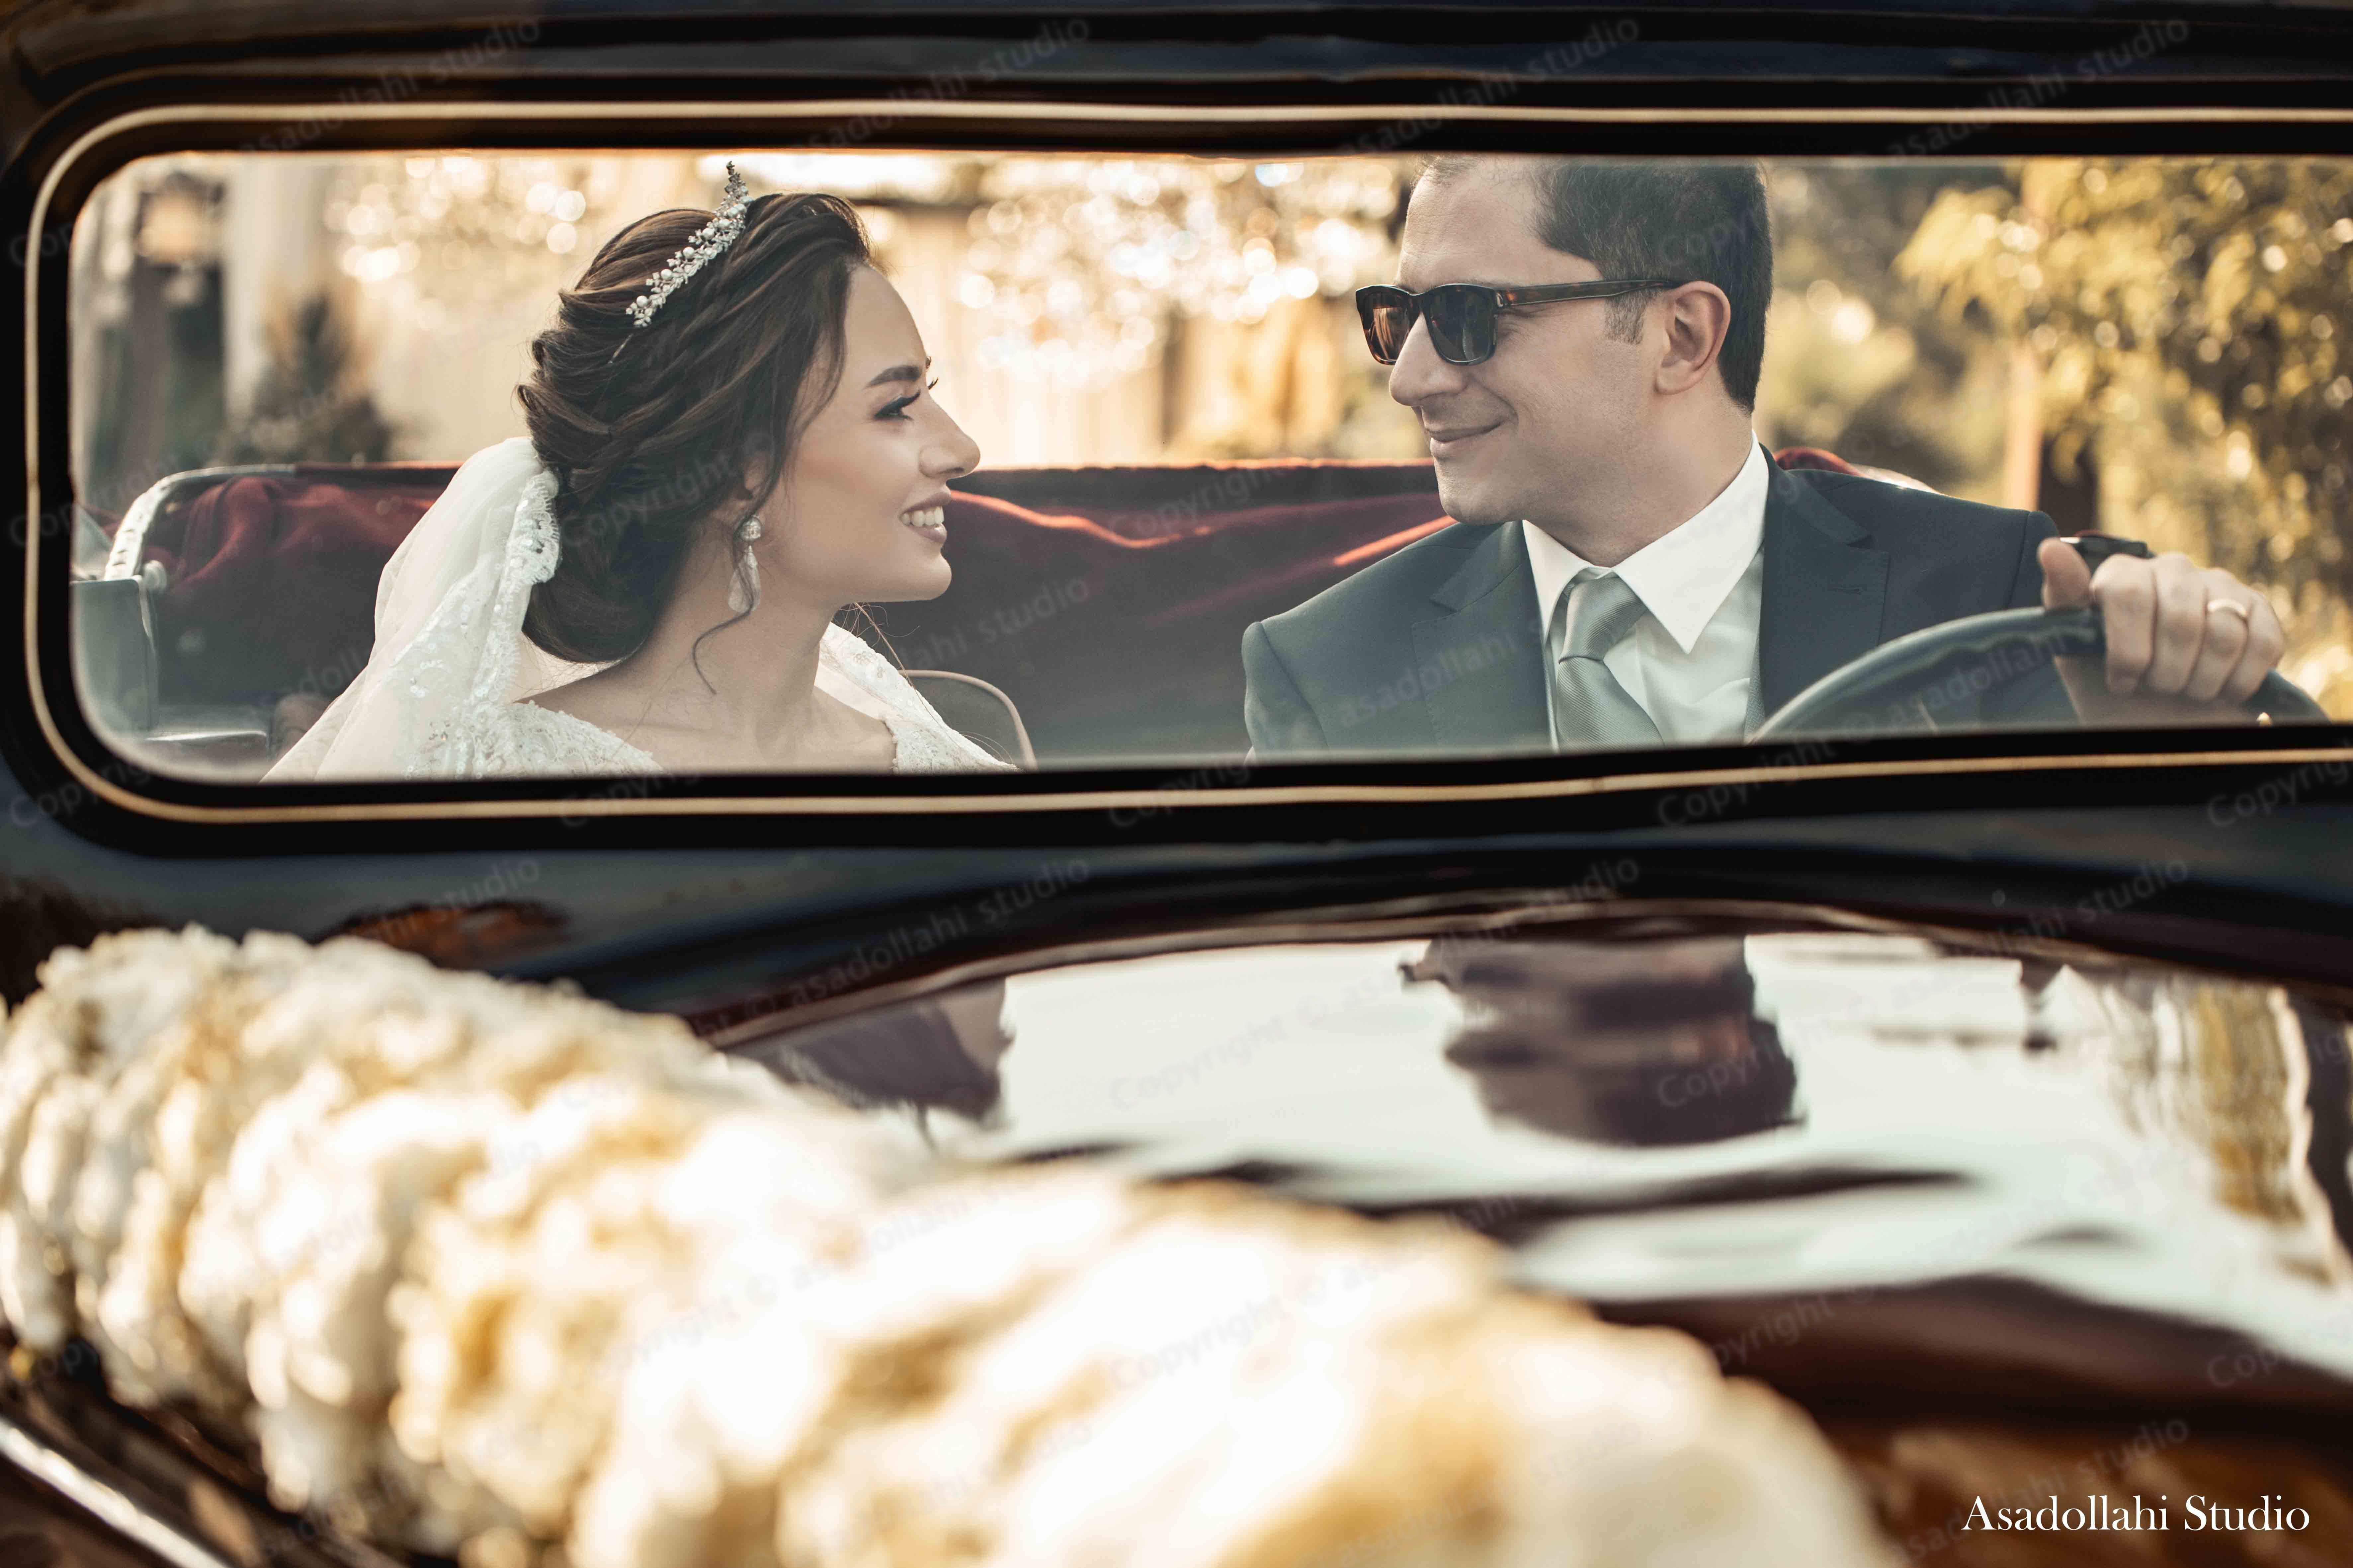 استوديوي اسداللهي - میلاد اسداللهی - استودیو عروس